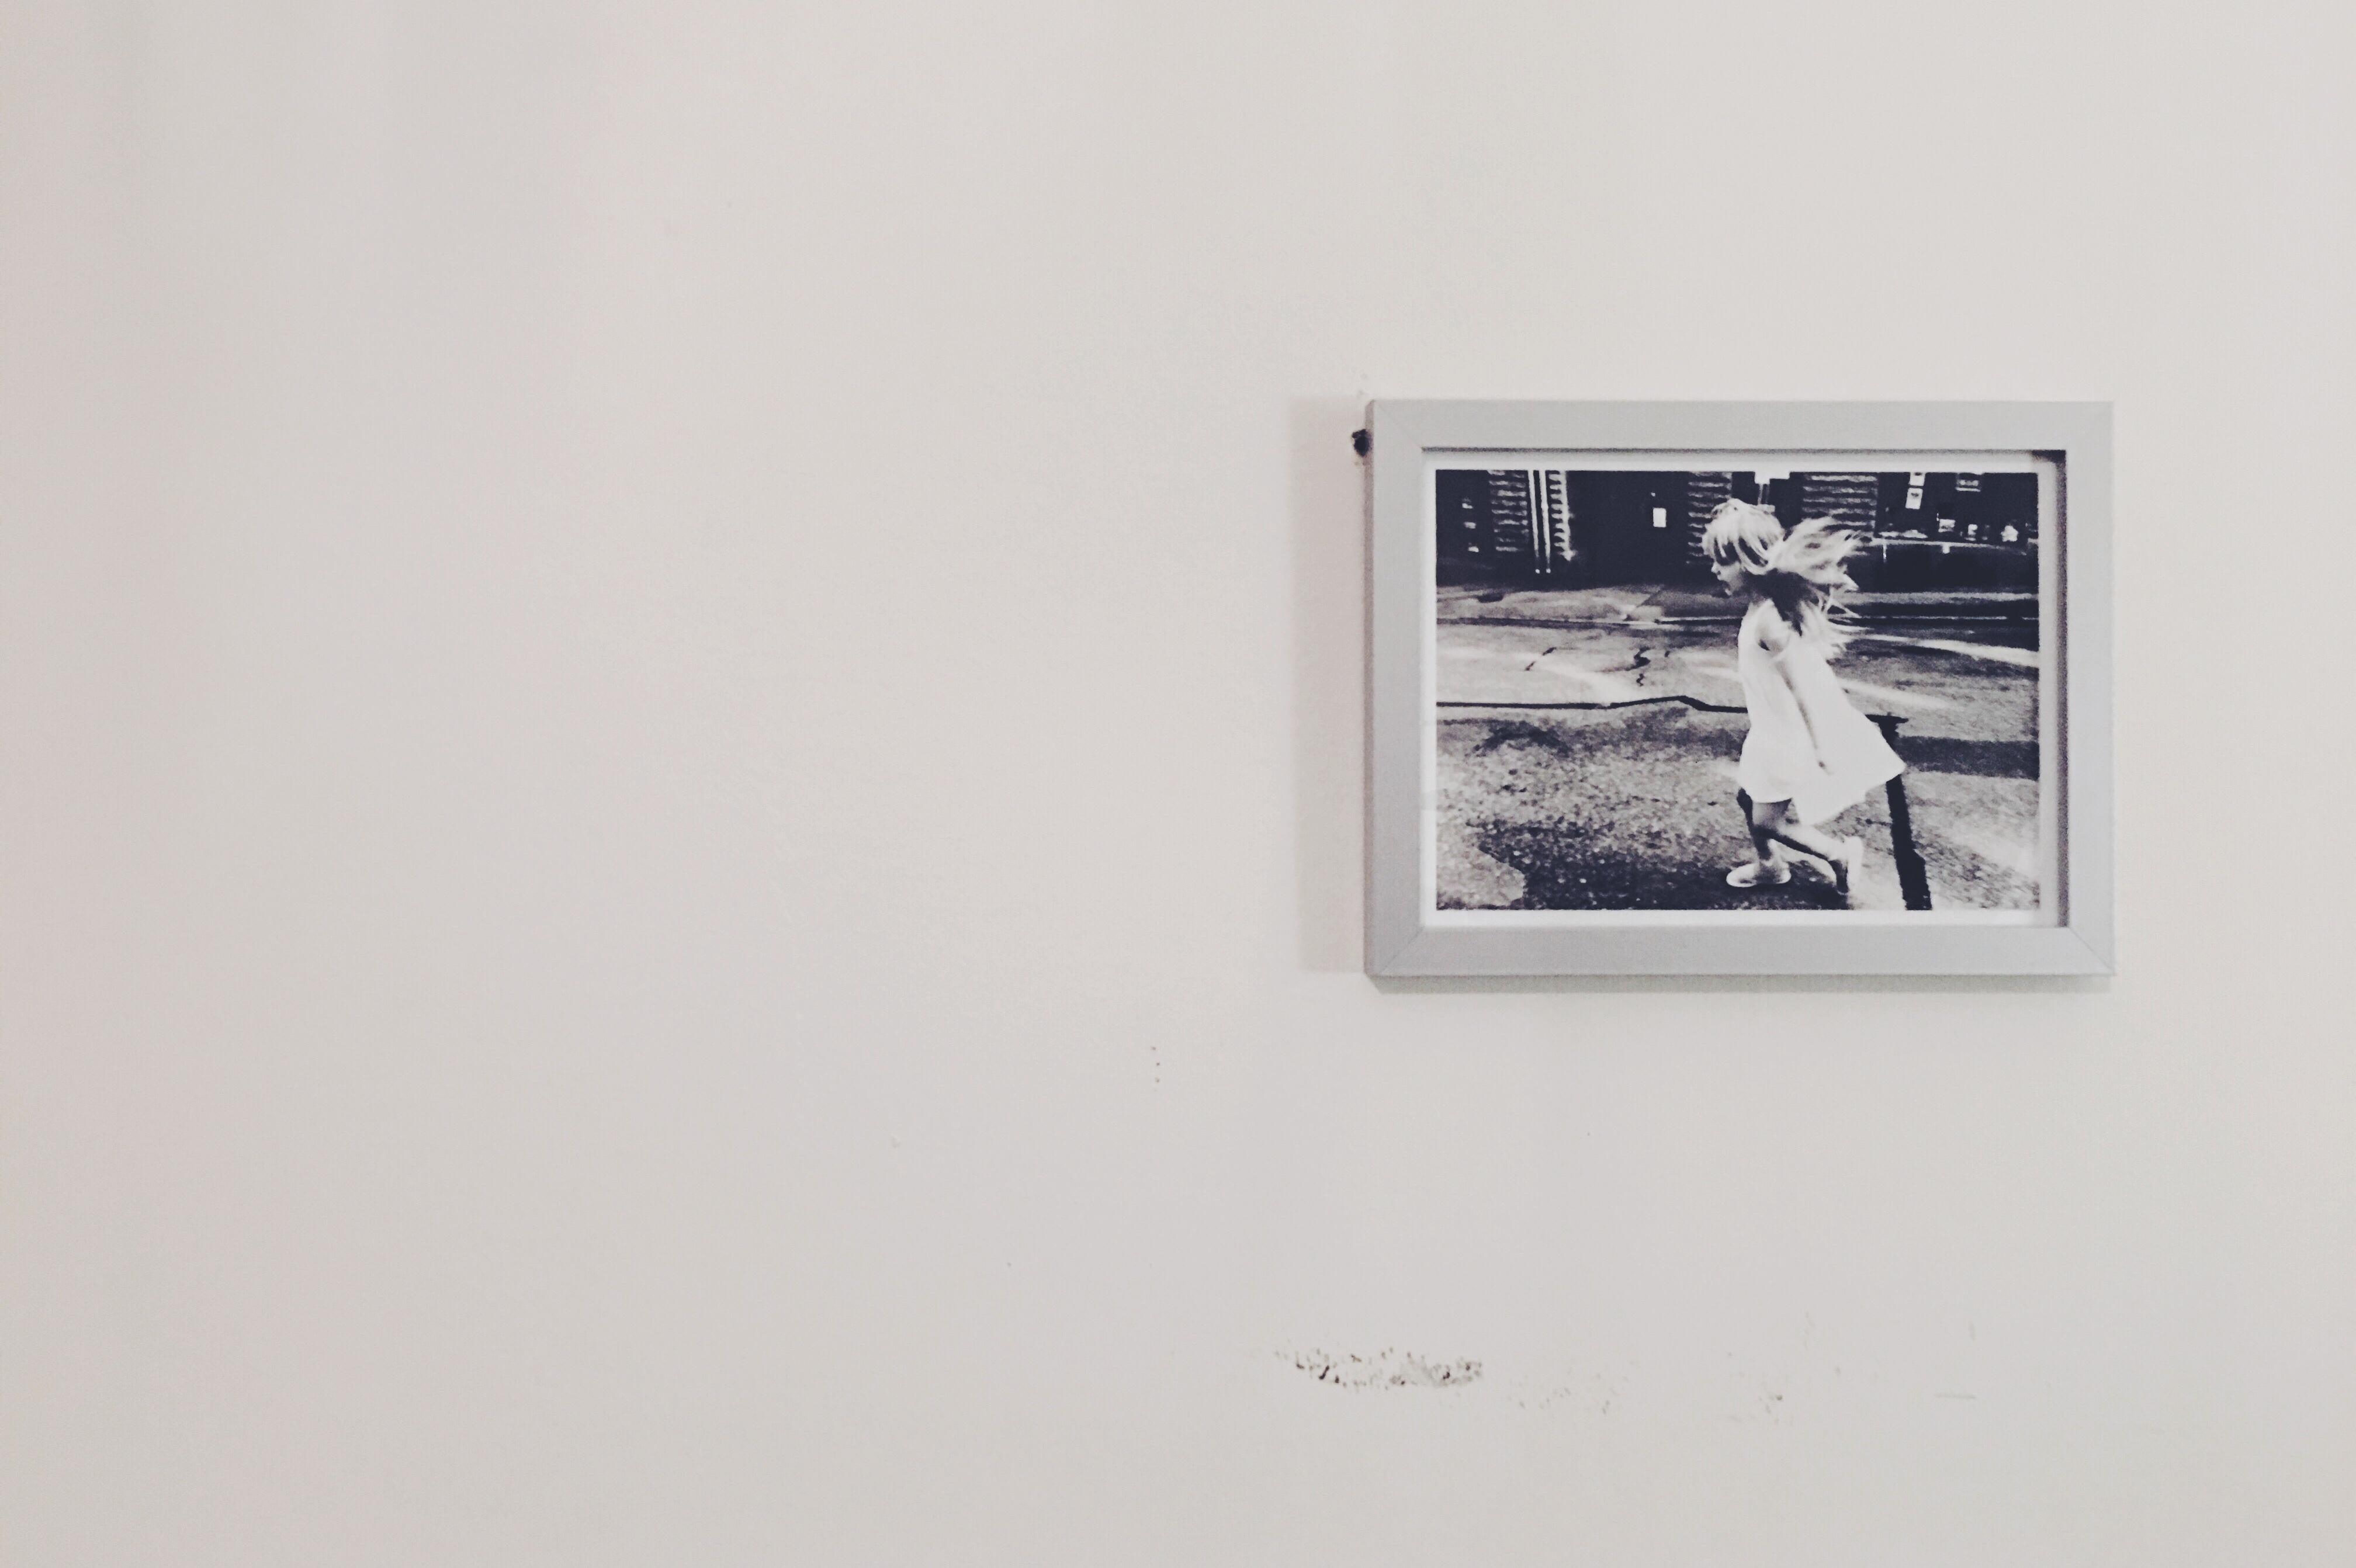 Hintergrundbilder : Weiß, Mauer, Kleid, Wind, Rahmen, hell, leer ...